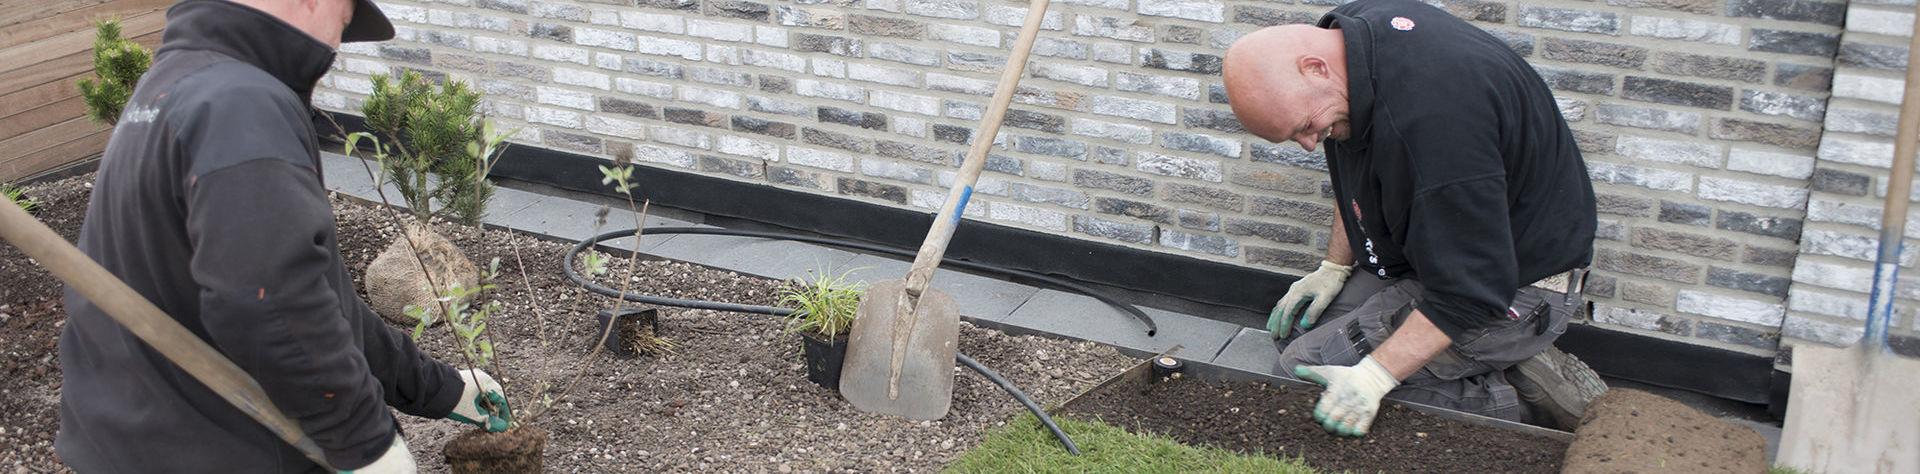 Voorman aanleg daktuinen